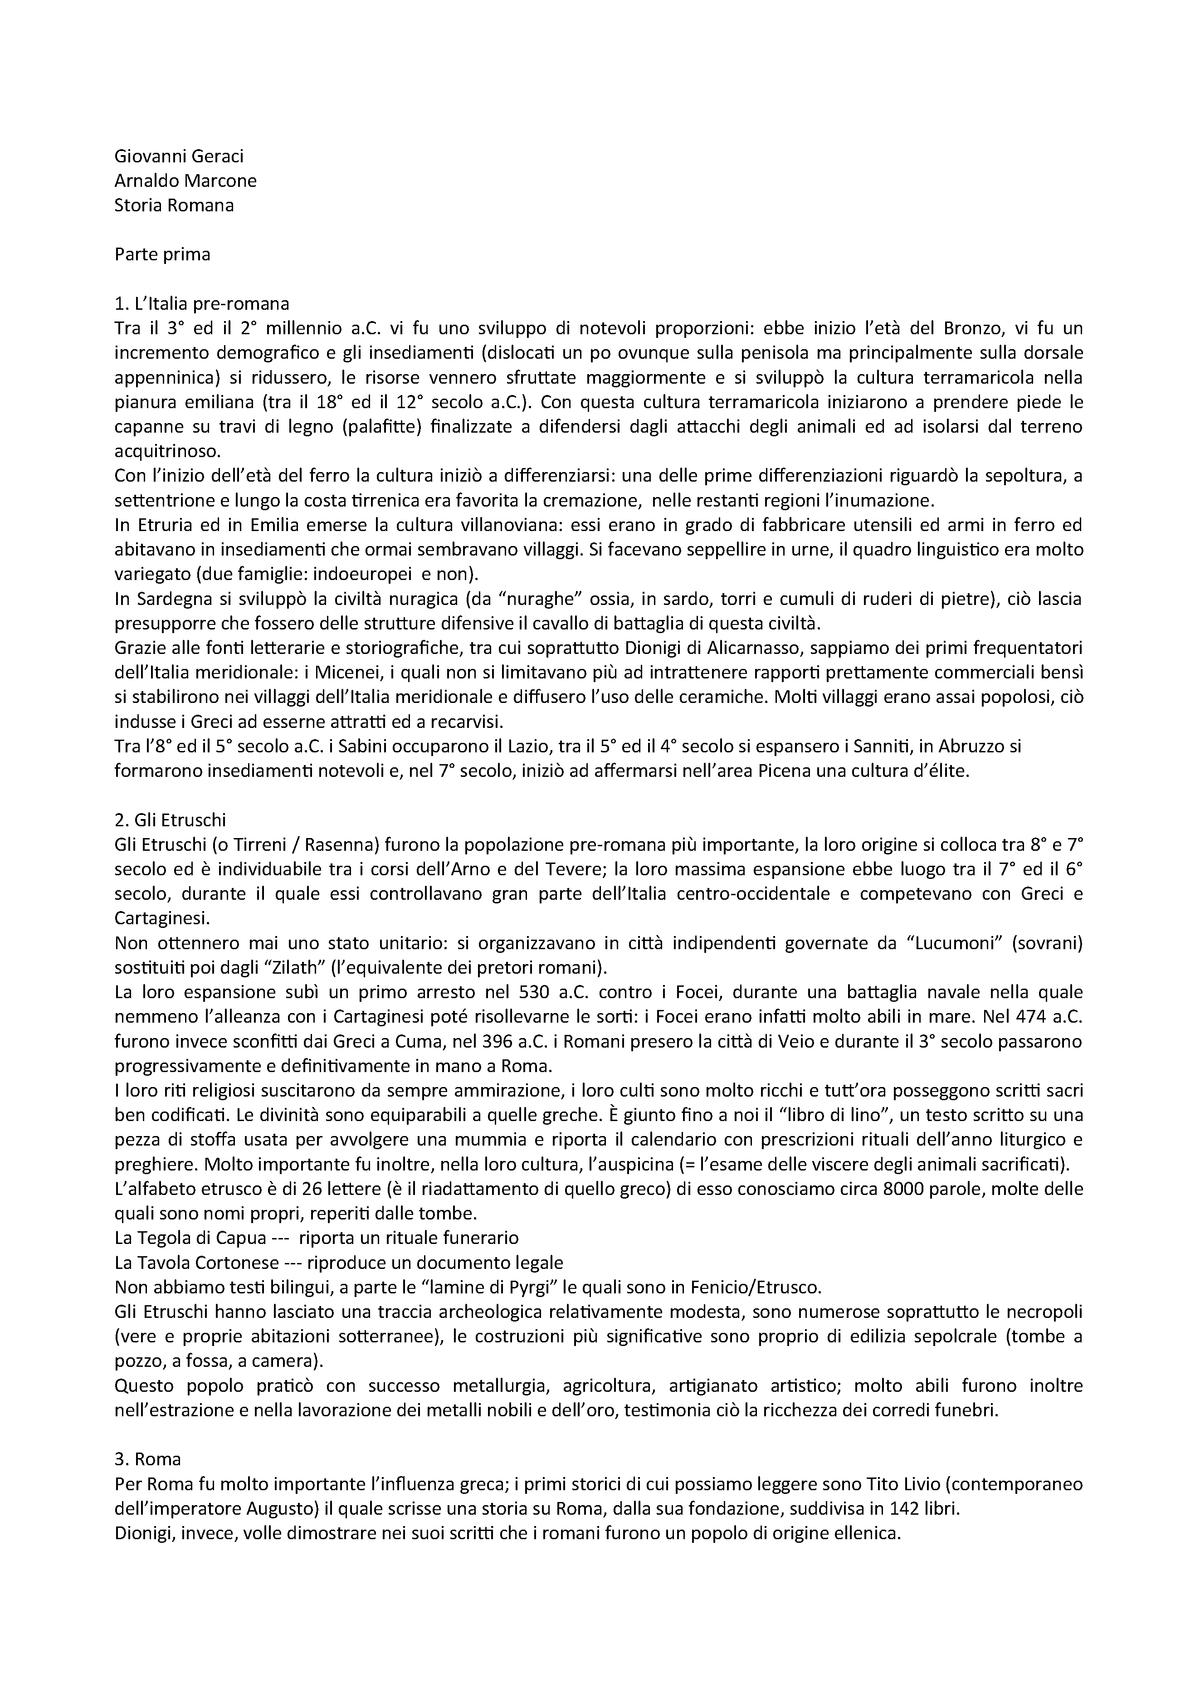 Inferiore arruolato datazione NCO